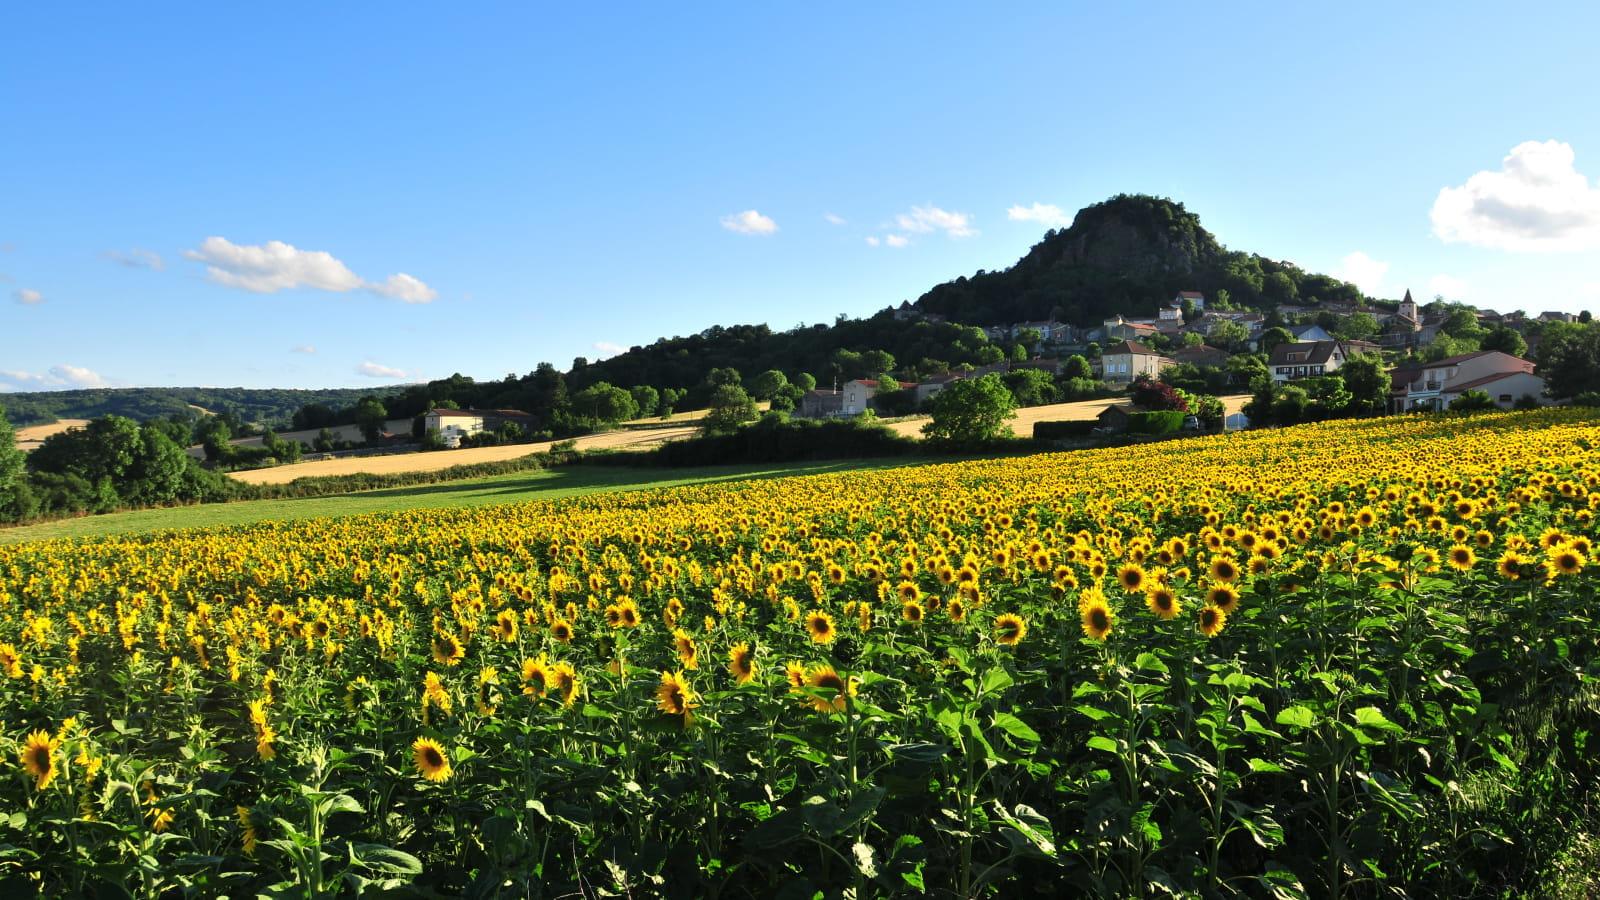 GR® de Pays : Tour en Dauphiné d'Auvergne - Boucle du Val d'Allier n°5